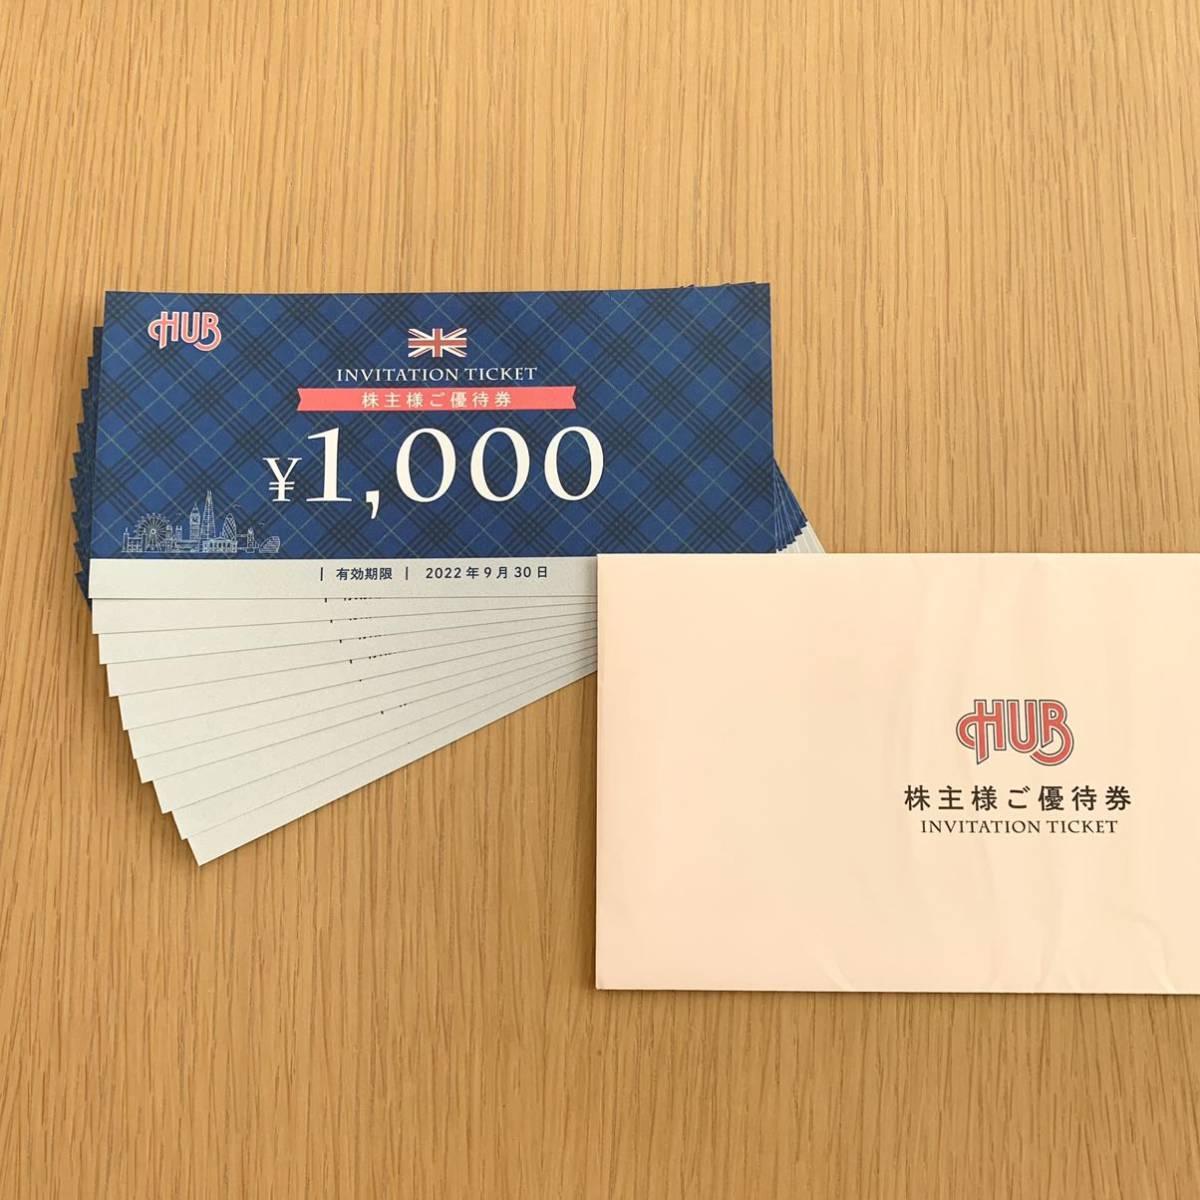 ゆうパケット発送 HUB 株主優待券 10000円分 有効期限 2022.9.30_画像1